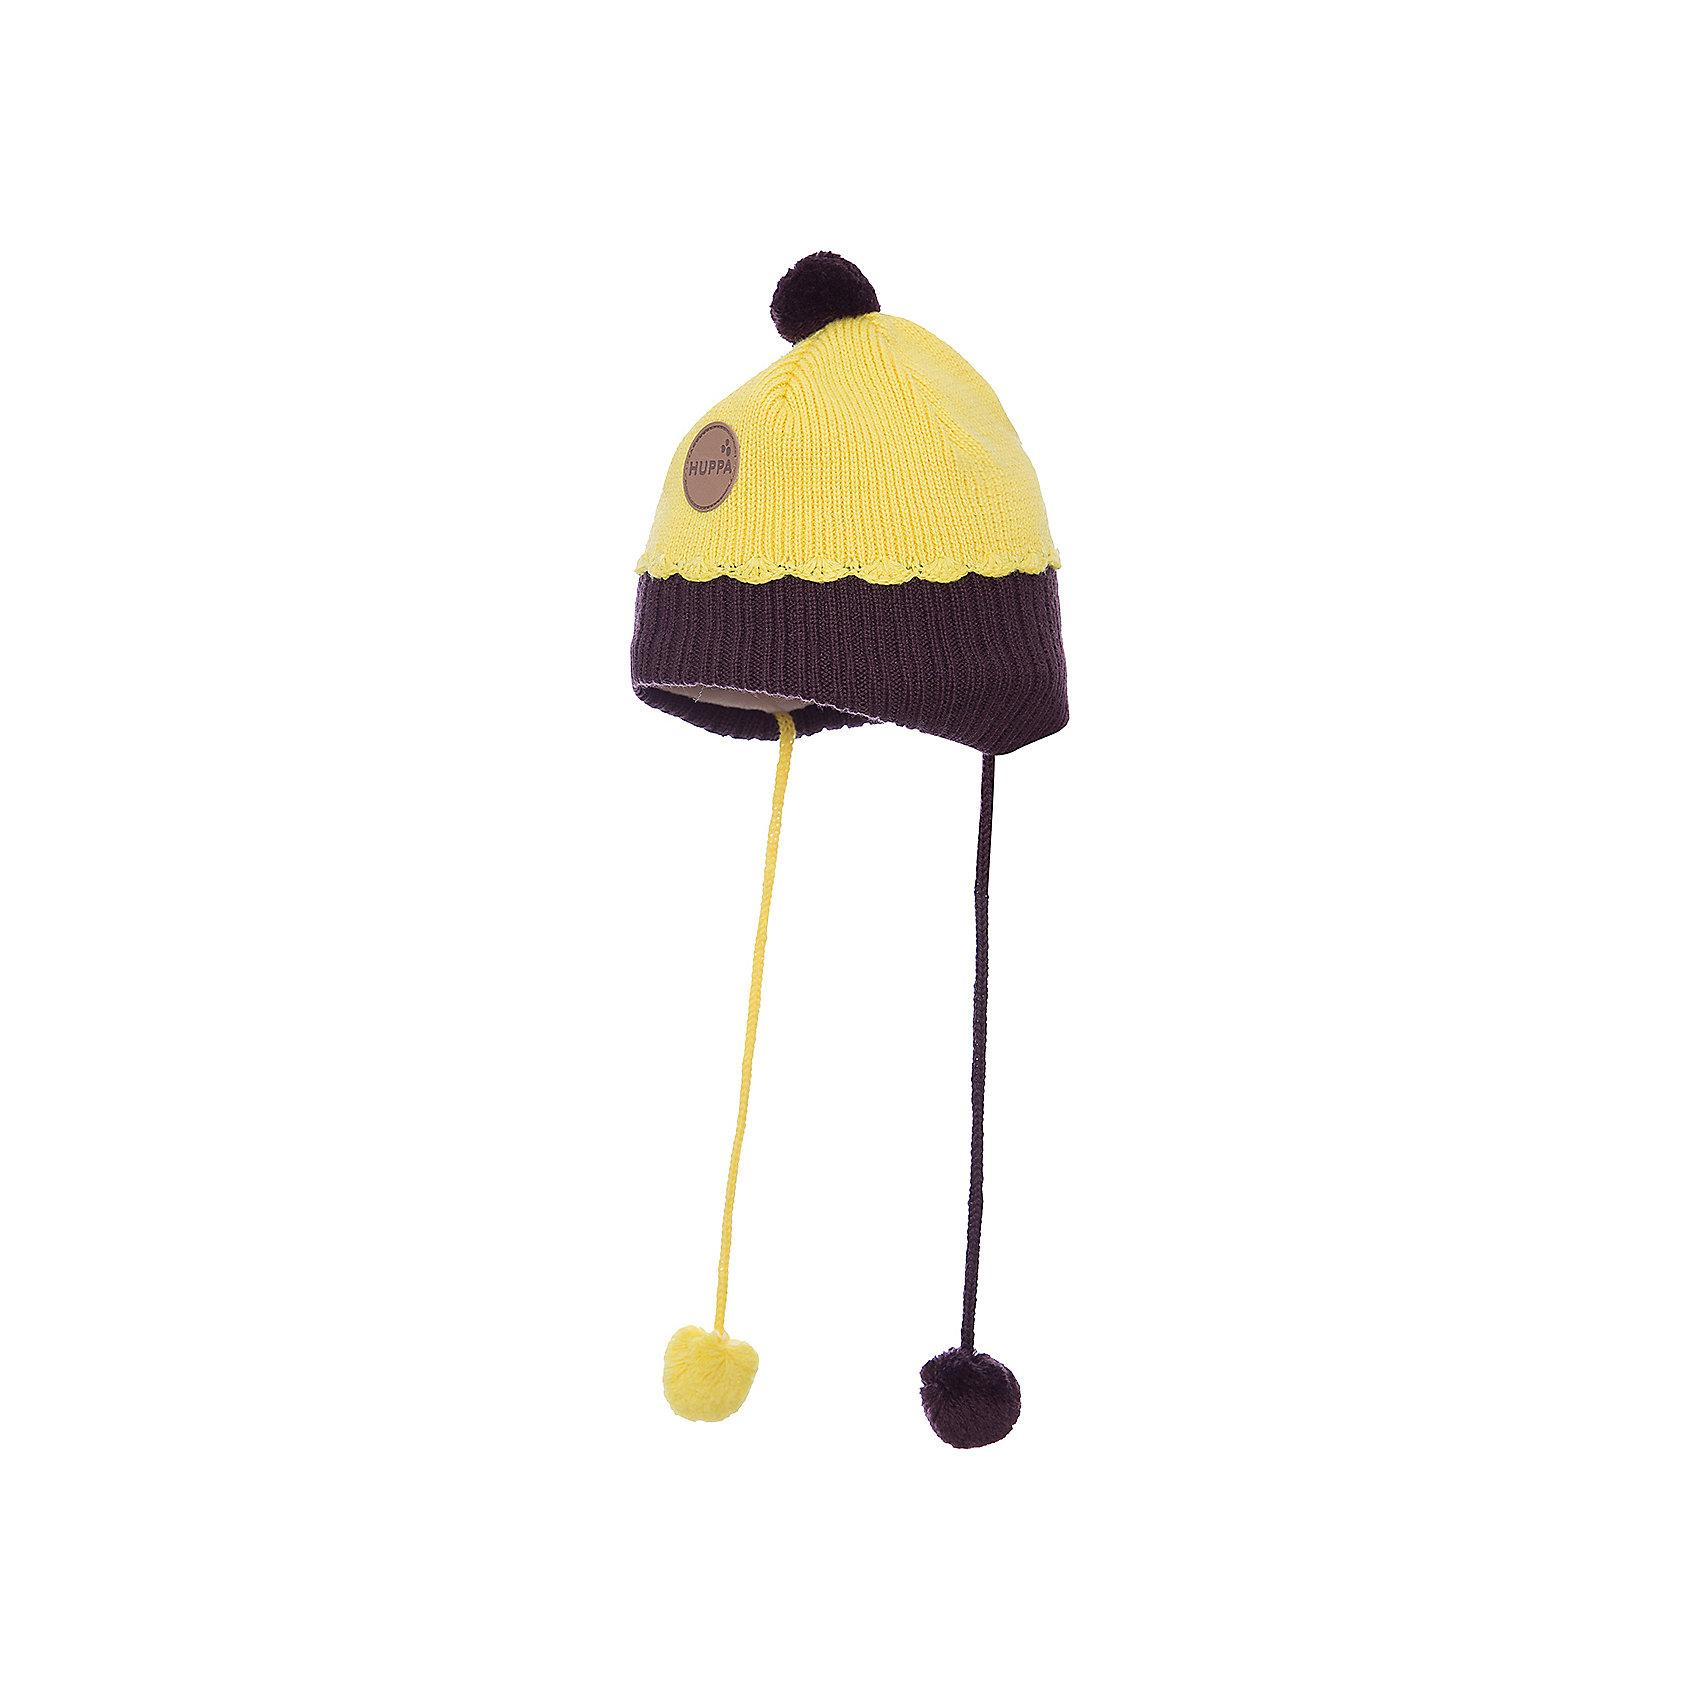 Шапка HuppaЗимняя вязаная двухцветная шапка для малышей. Для удобства ношения у шапки приятная подкладка из хлопкового трикотажа, наружная часть из смеси 50% мериносовой шерсти и 50% акриловой пряжи. Более интересной шапку делают разноцветные ленты с помпонами, при помощи которых шапку можно завязать и защитить уши от холода, а также кружева в разрезе. <br><br><br><br>Шапку Huppa (Хуппа) можно купить в нашем магазине.<br><br>Ширина мм: 89<br>Глубина мм: 117<br>Высота мм: 44<br>Вес г: 155<br>Цвет: желтый<br>Возраст от месяцев: 9<br>Возраст до месяцев: 12<br>Пол: Женский<br>Возраст: Детский<br>Размер: 43-45,47-49,51-53<br>SKU: 4242916